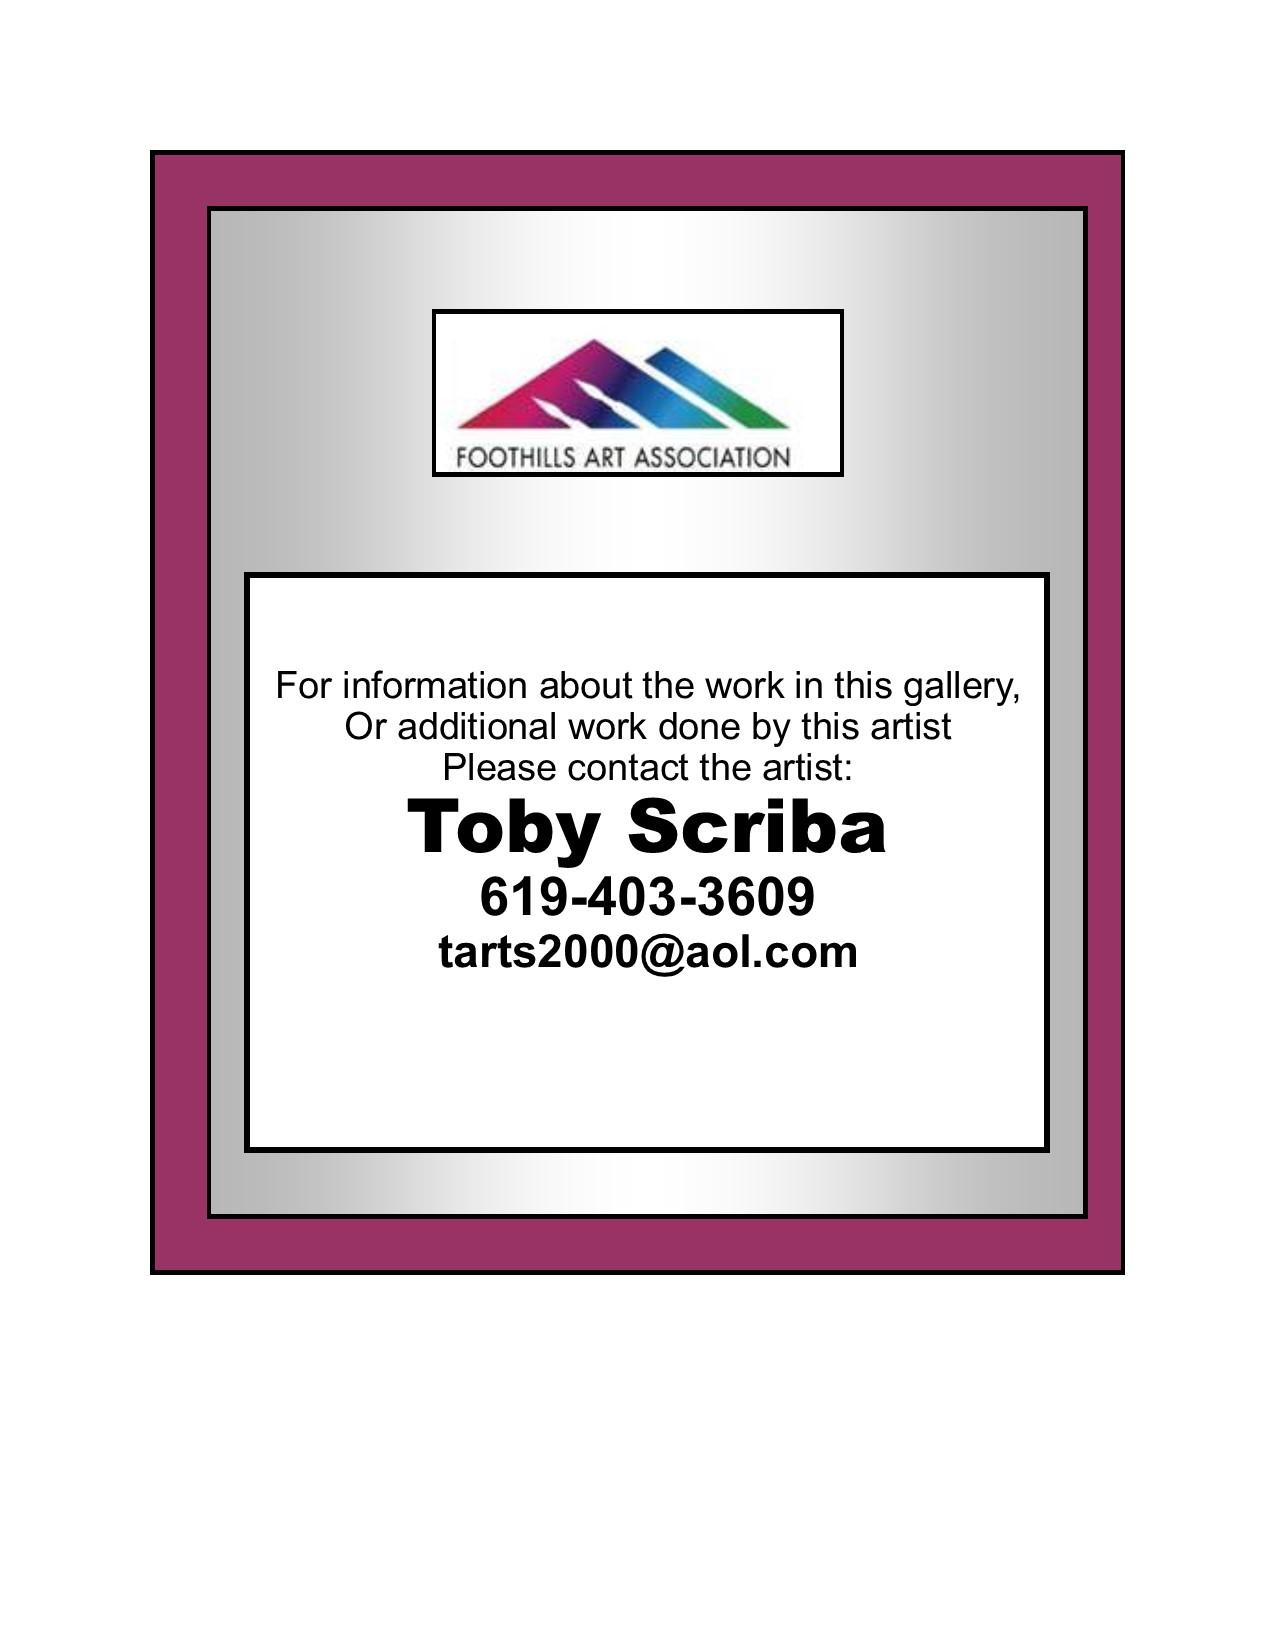 Toby Scriba